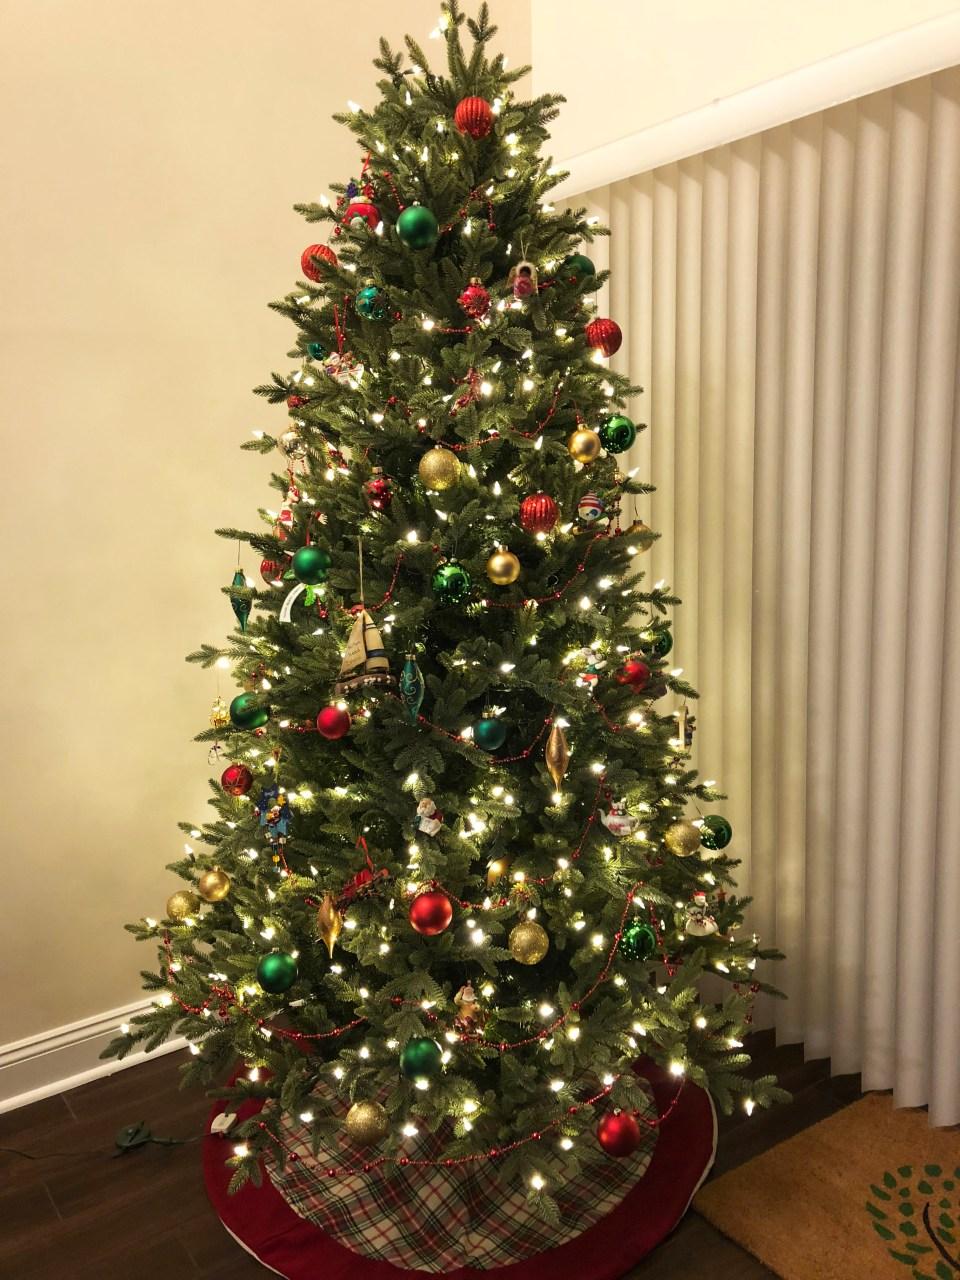 Christmas Tree - Nighttime 7